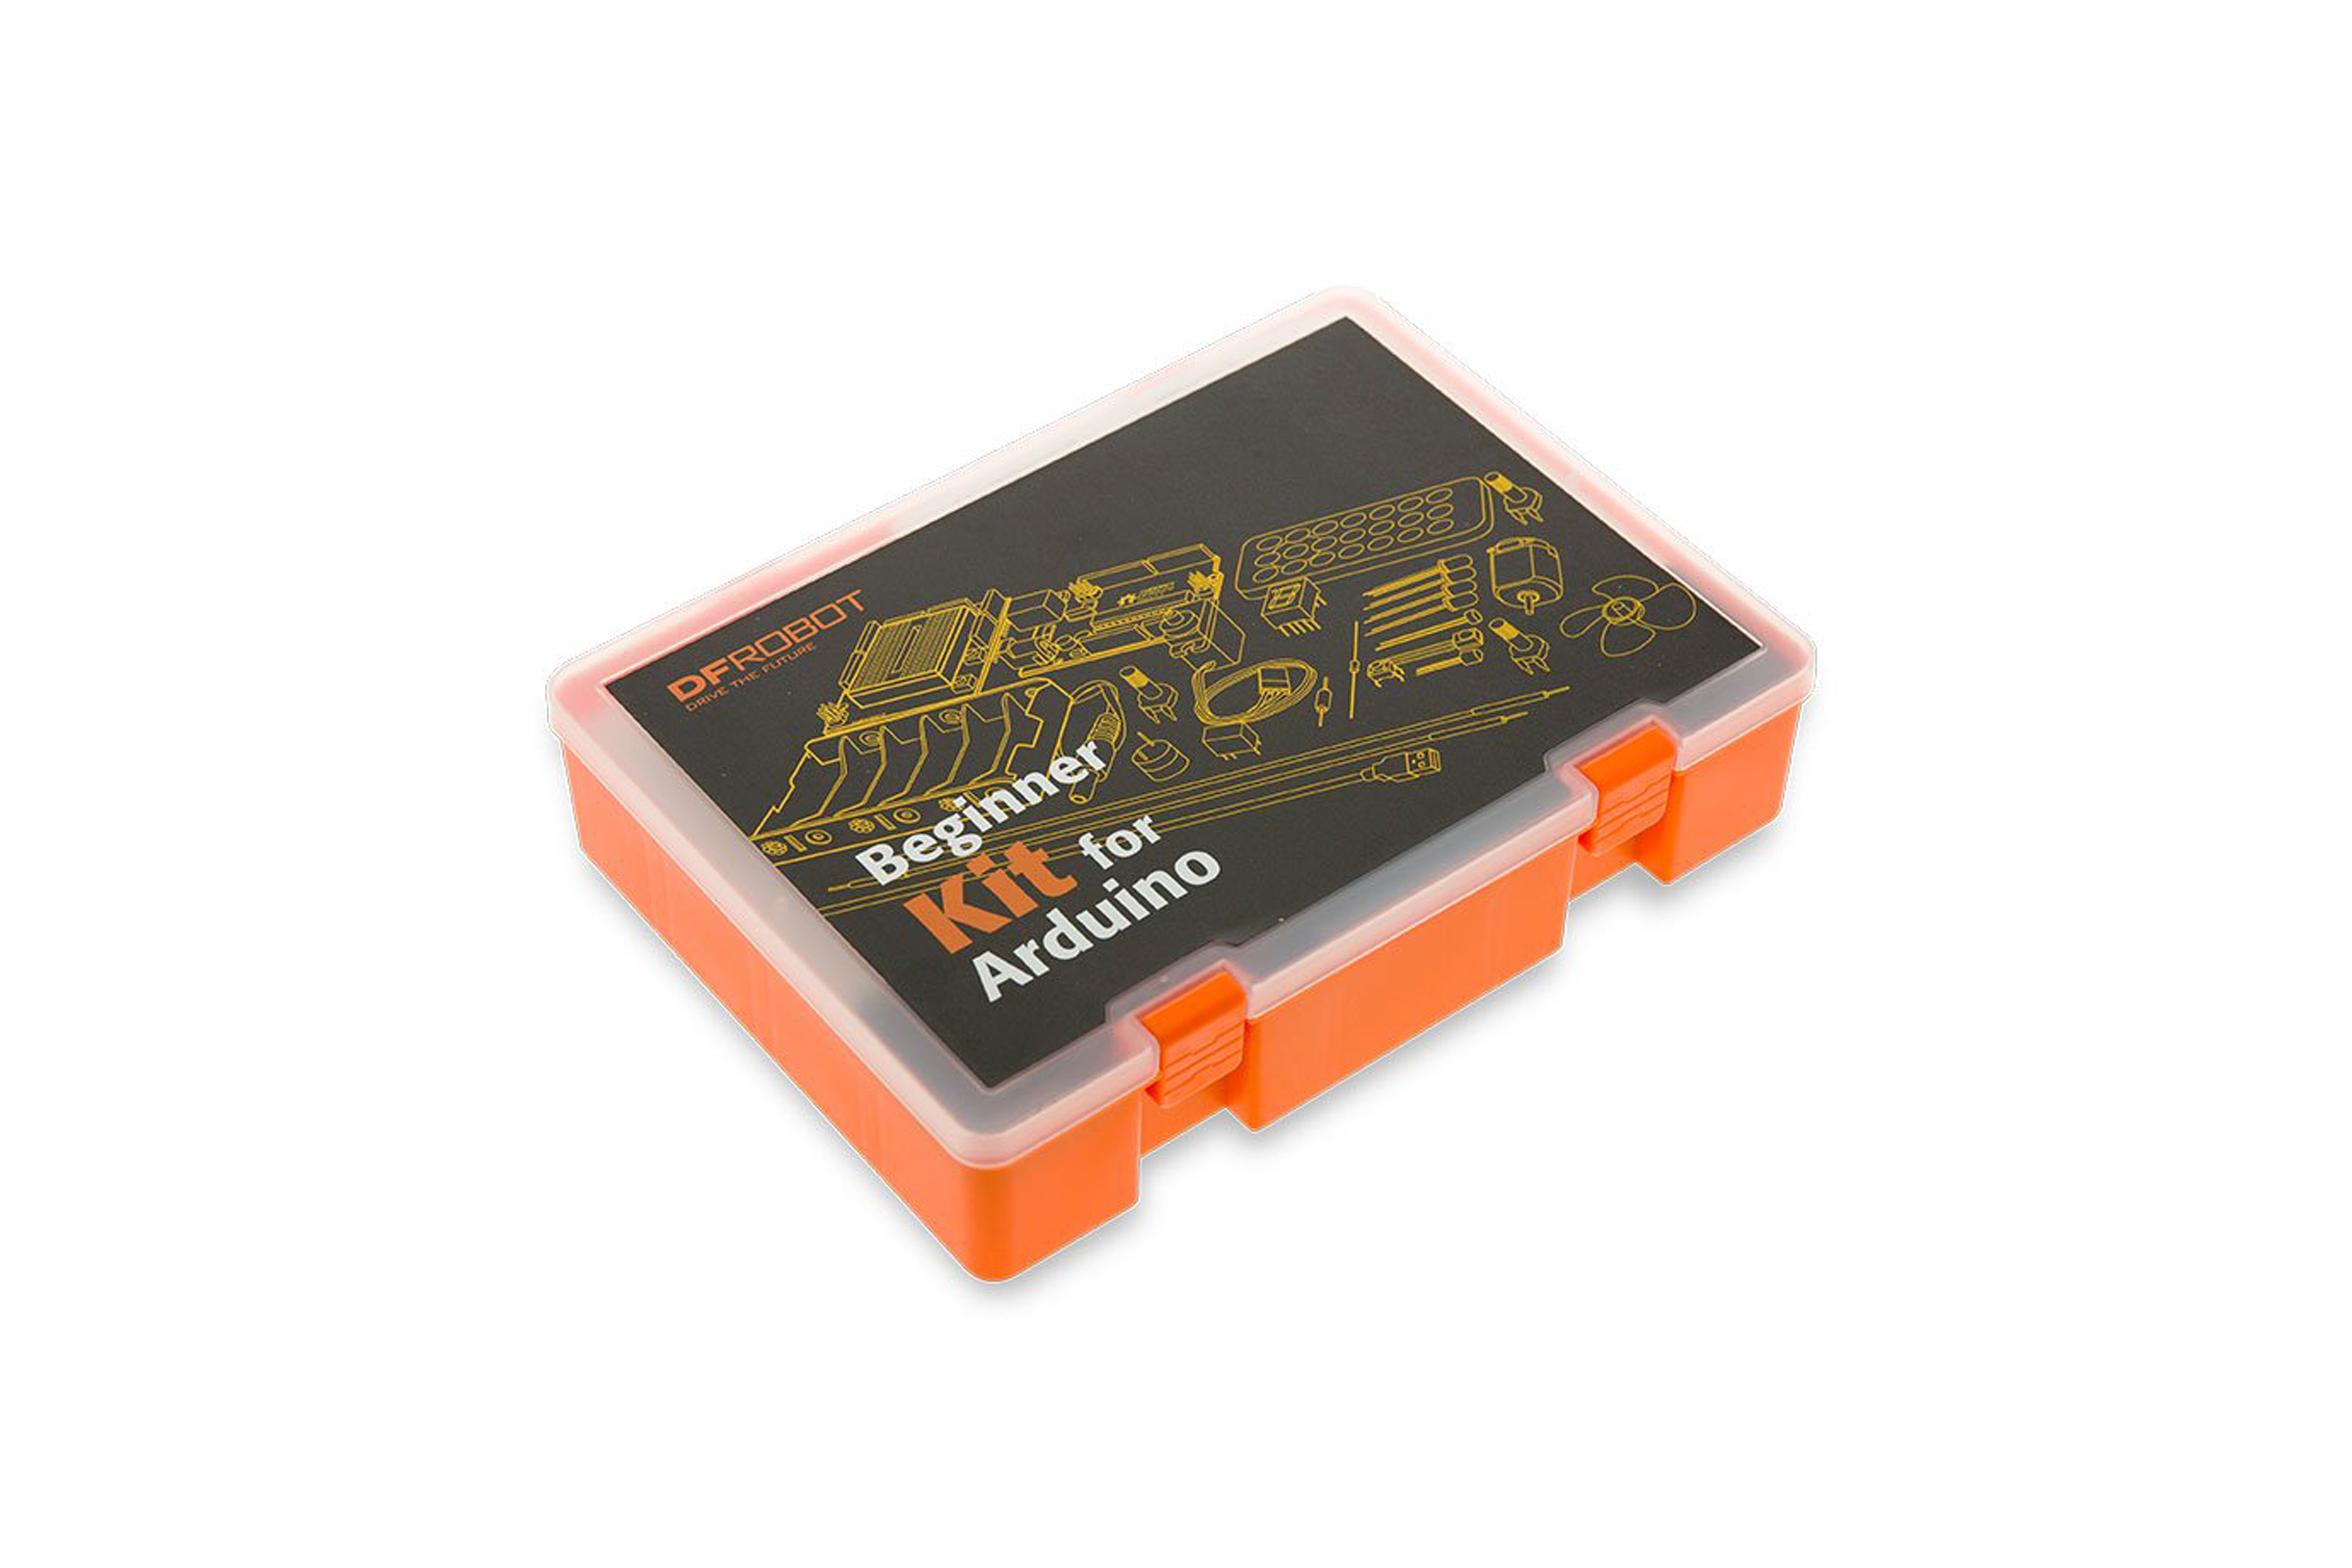 DFRobot - Beginner Kit For Arduino